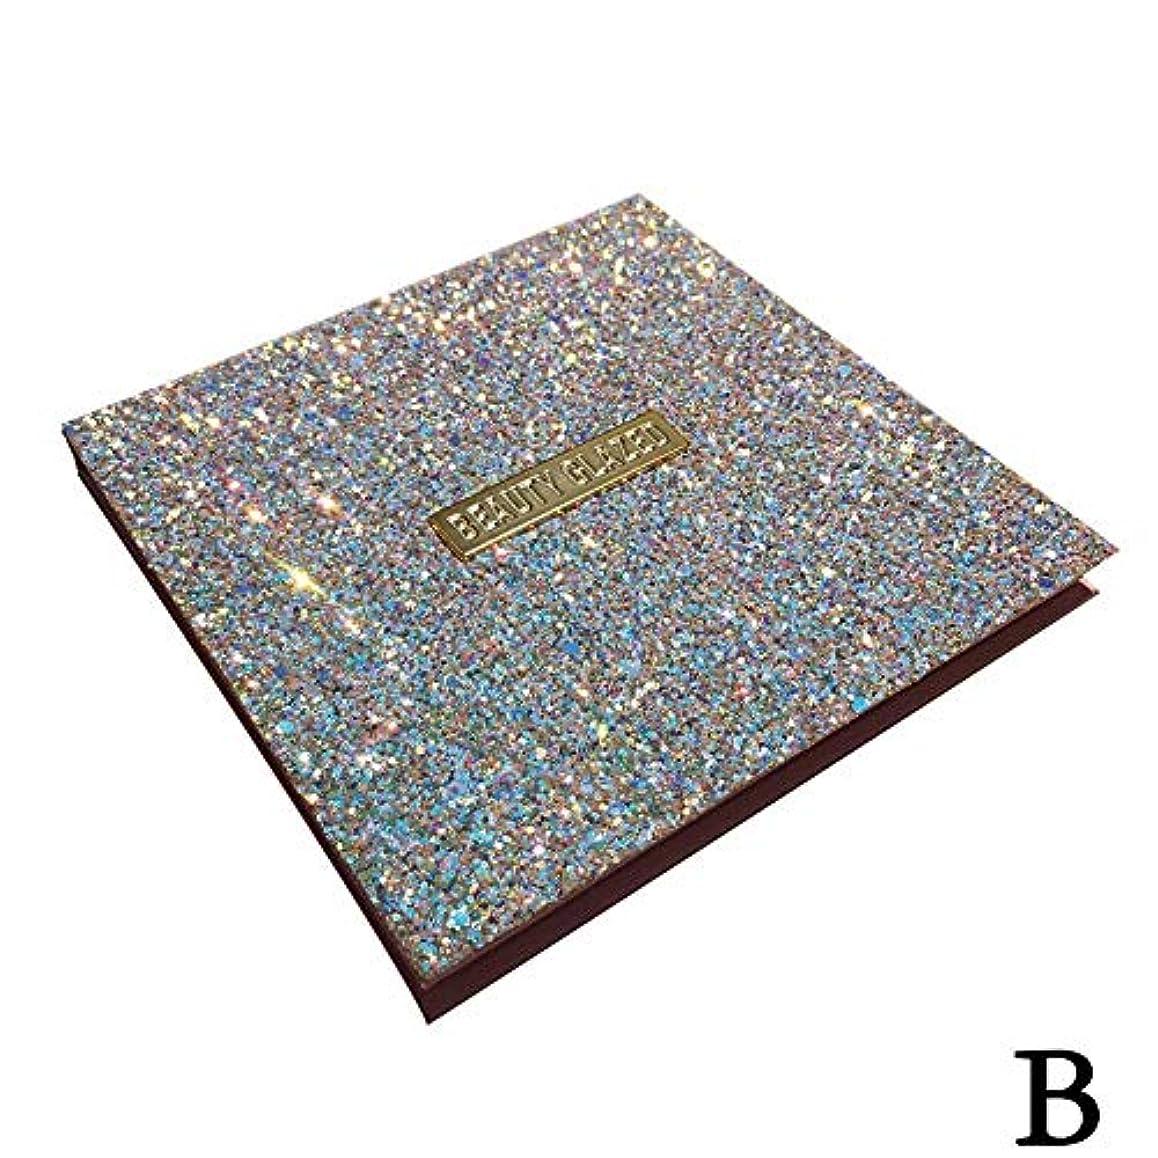 習慣アリス好み(ゴールデン ドリーミング)Golden Dreaming beauty glazed 無光沢の真珠16色のアイシャドウ (B 2#)